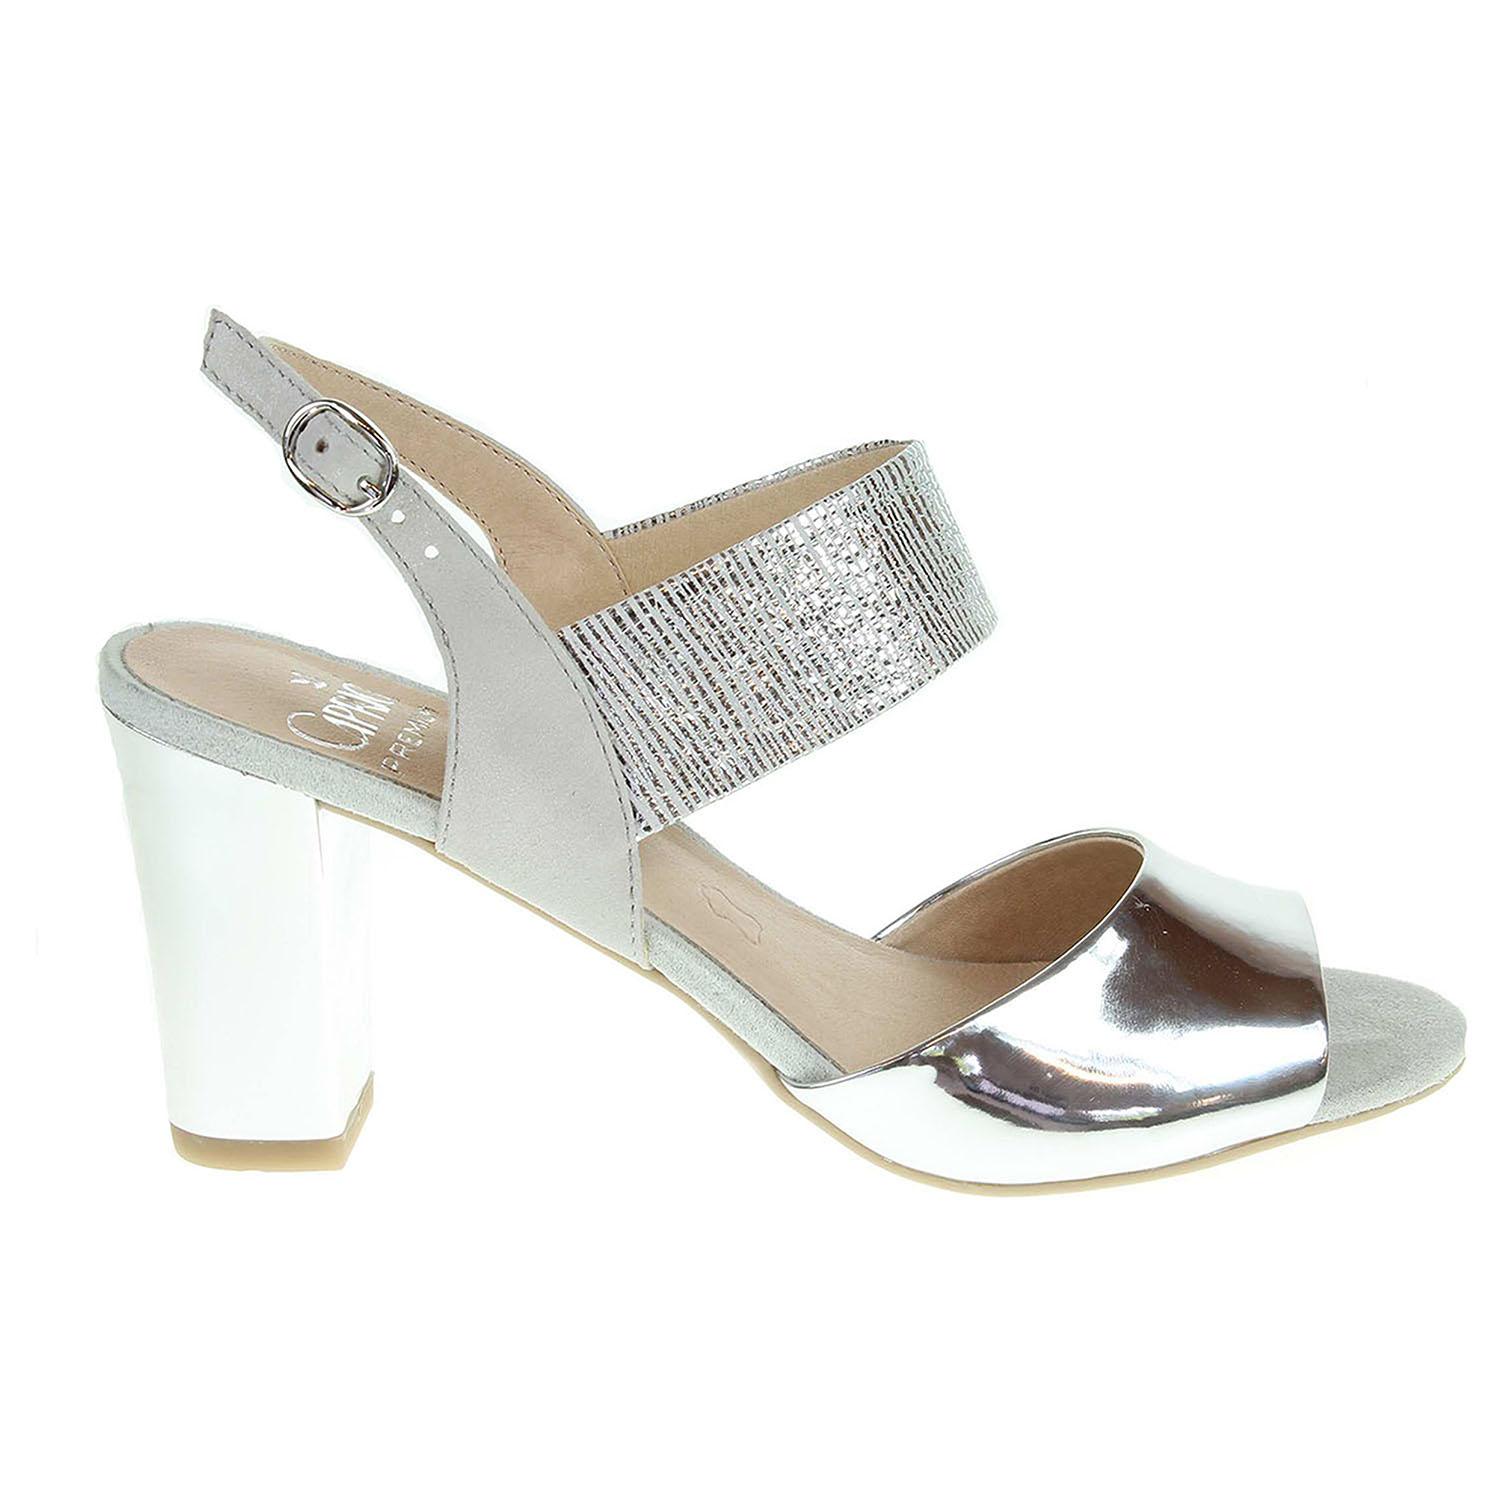 Ecco Caprice dámské sandály 9-28307-28 stříbrné 23801162